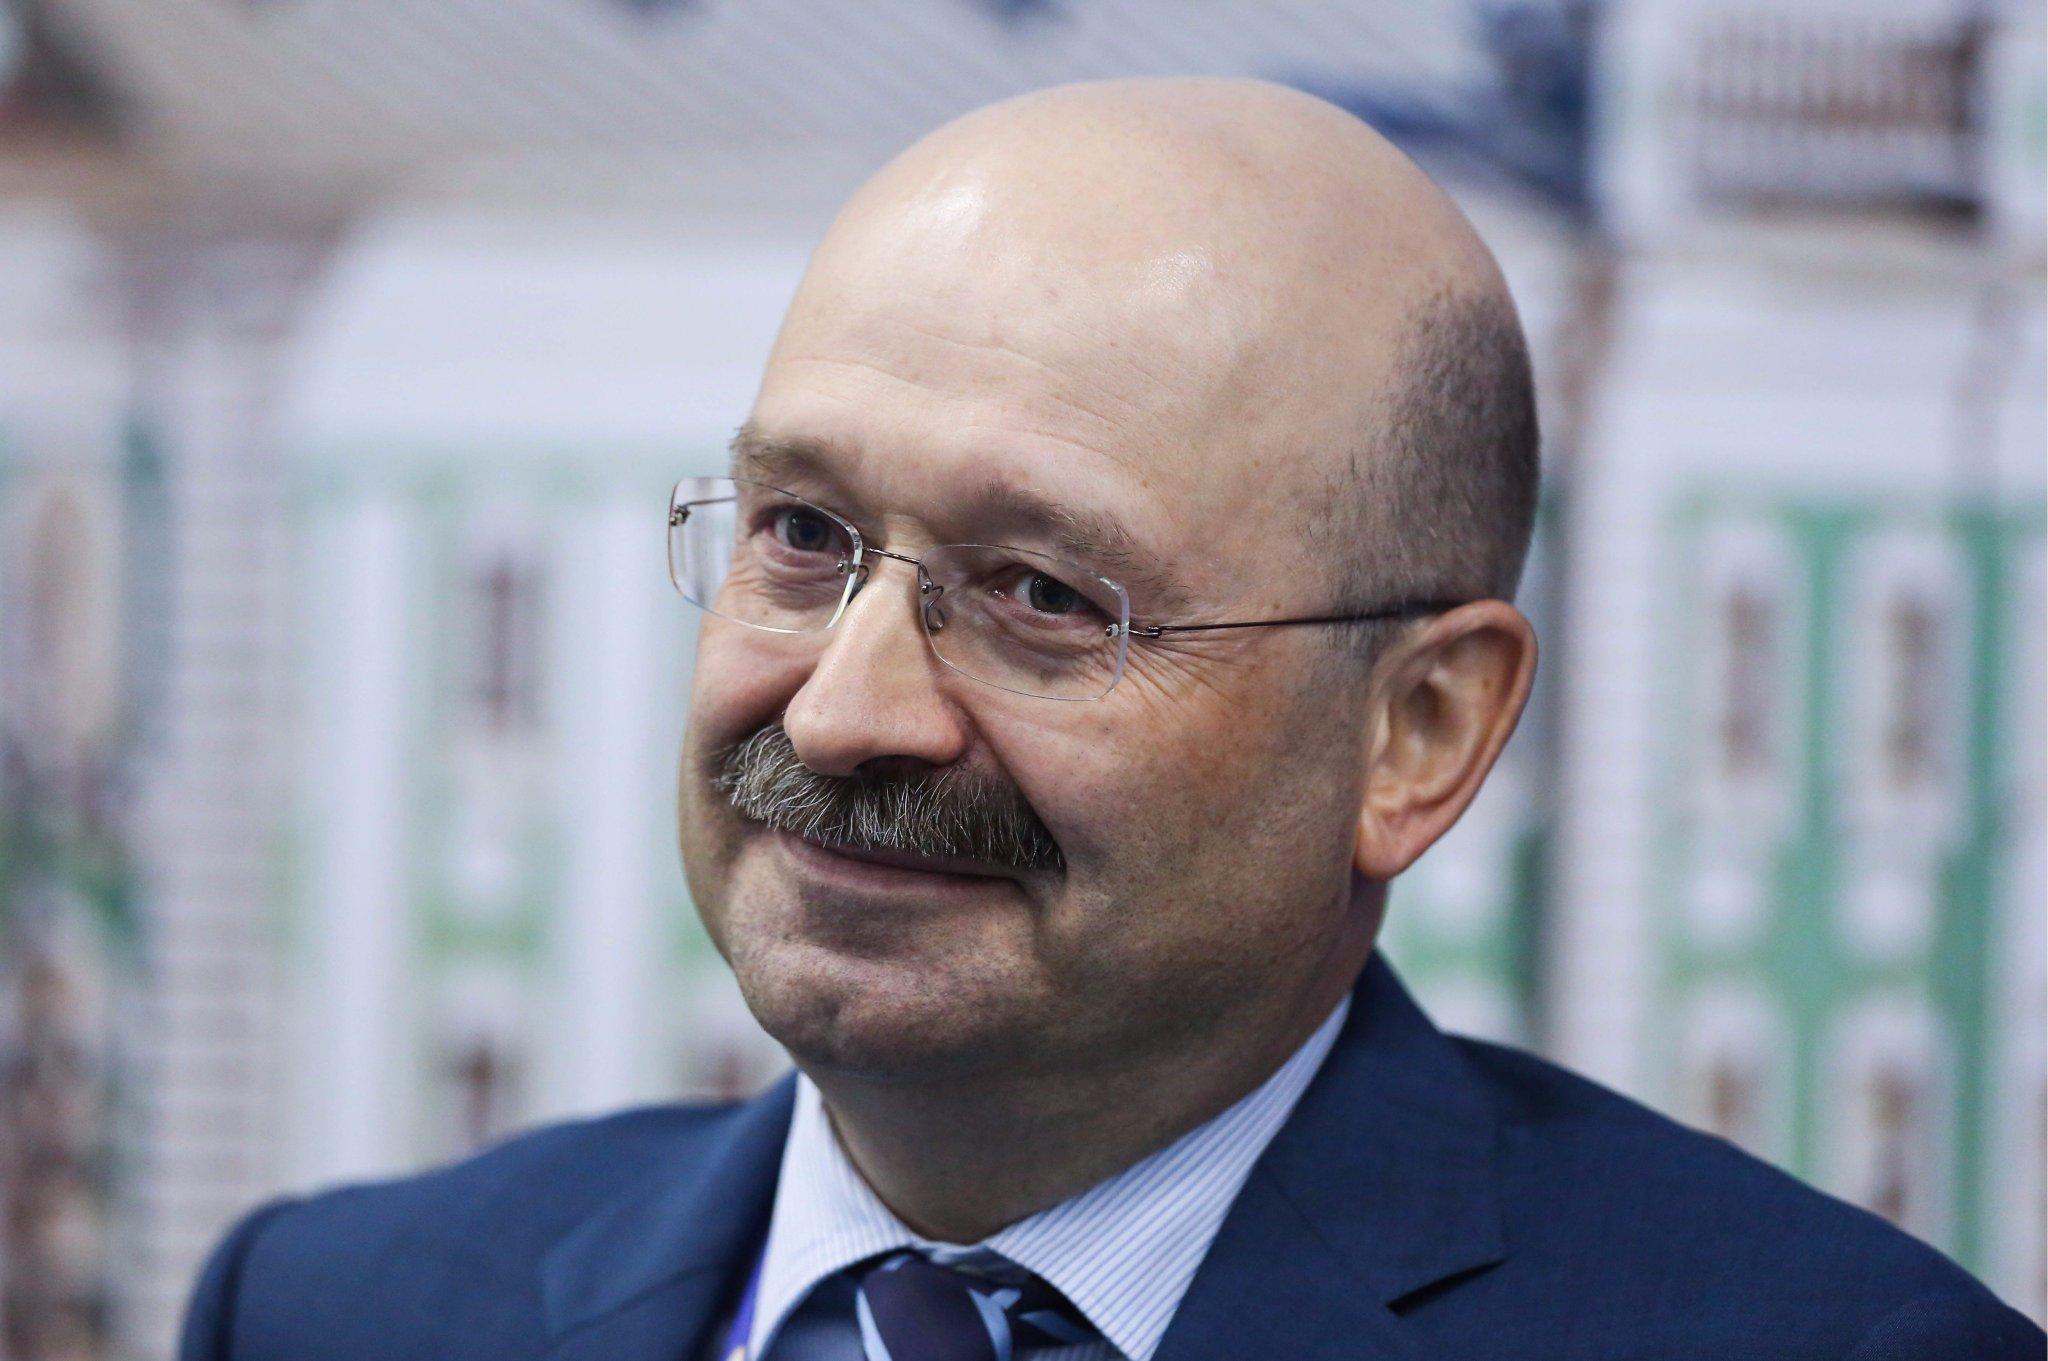 Михаил Задорнов: во время пандемии 2/3 клиентов «Открытия» стали пользоваться онлайн-банкингом